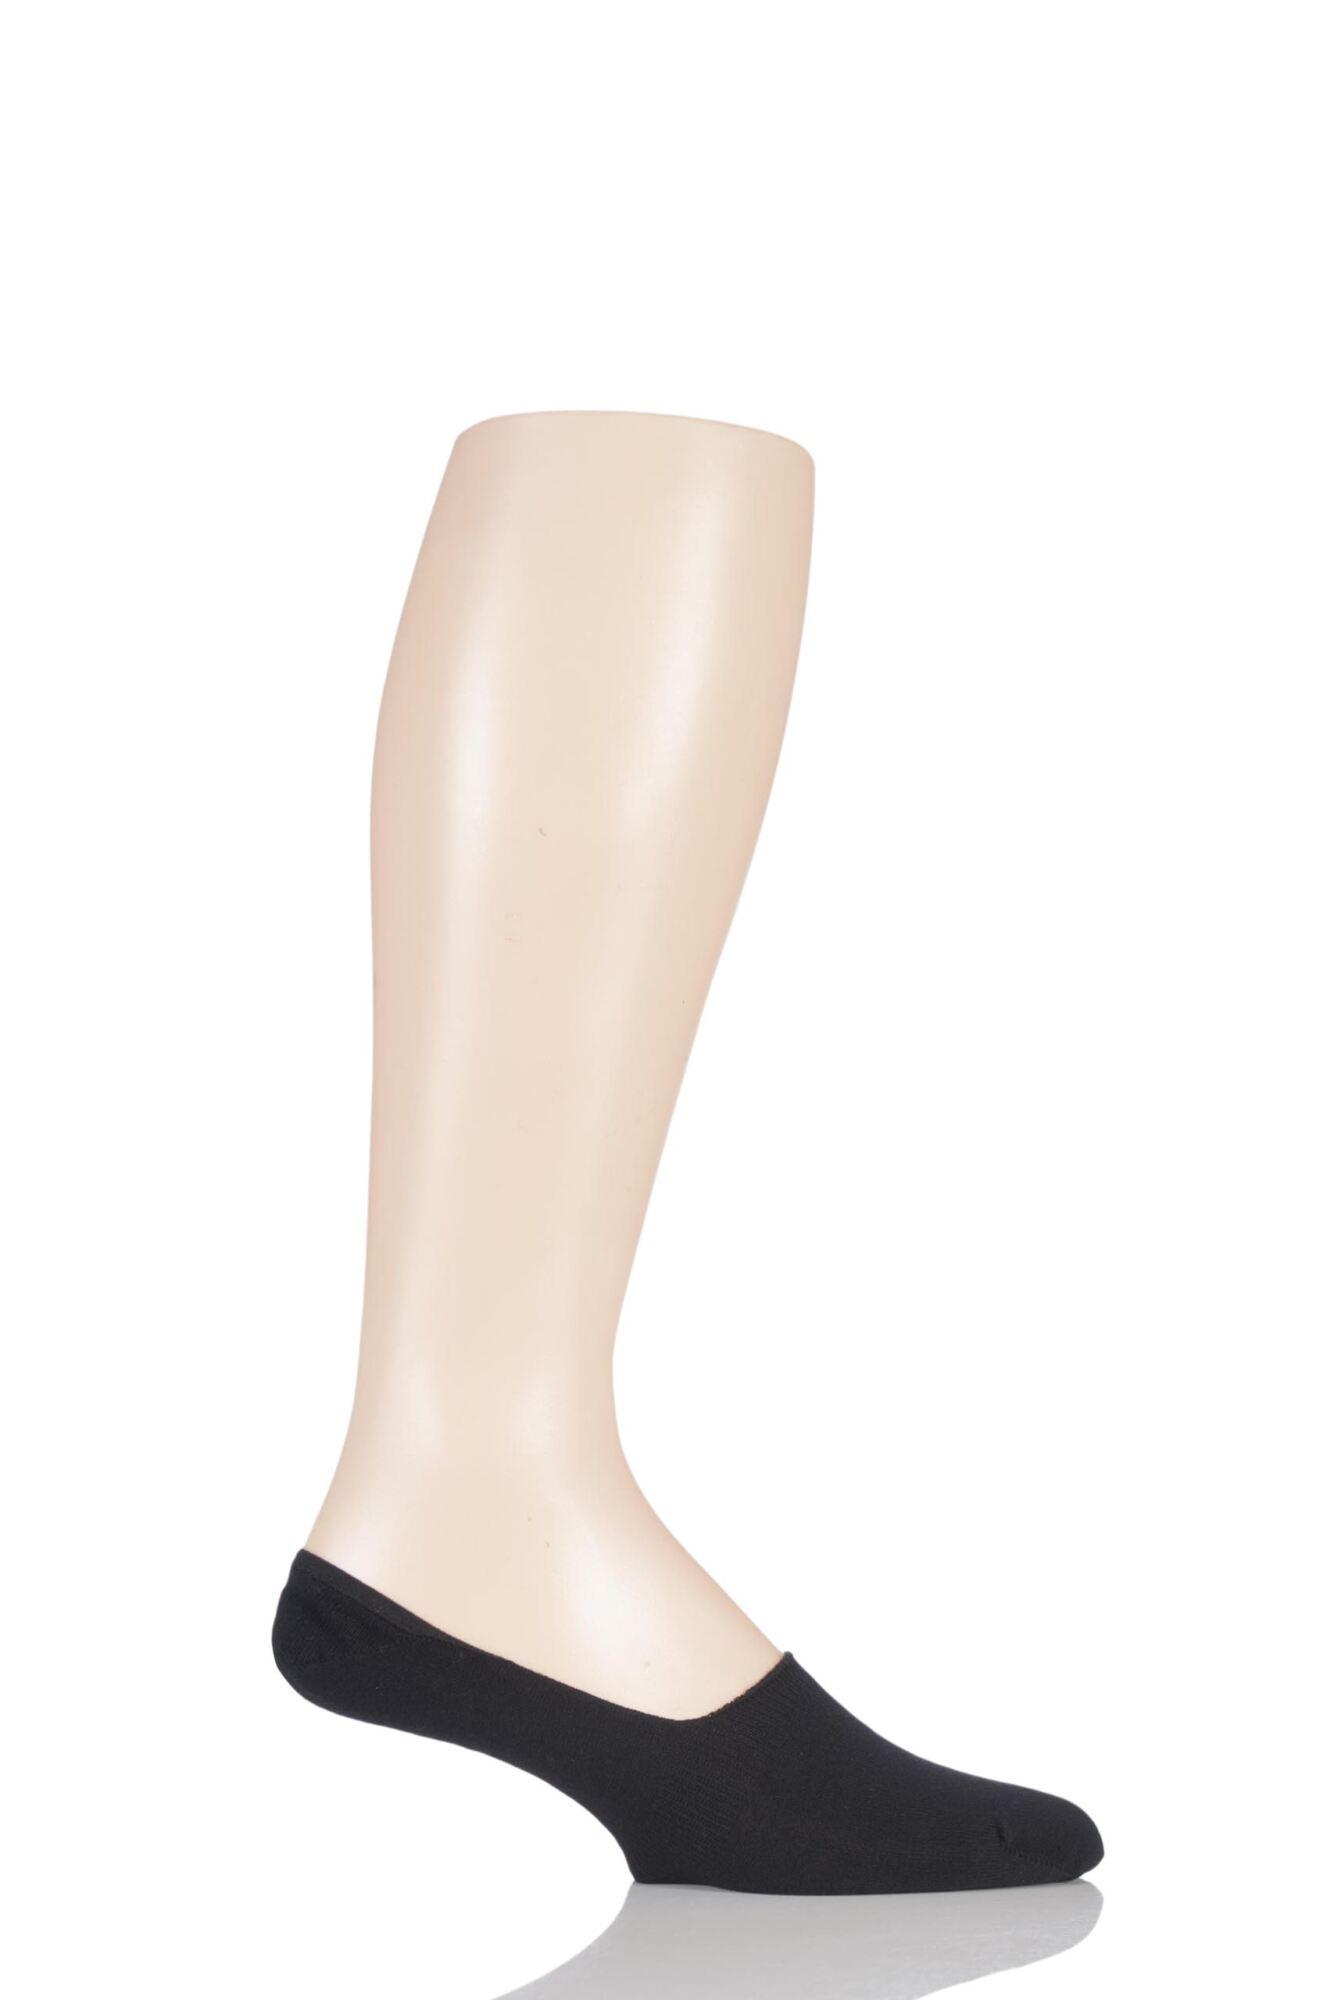 1 Pair Plain Shoe Liners Men's - Hj Hall